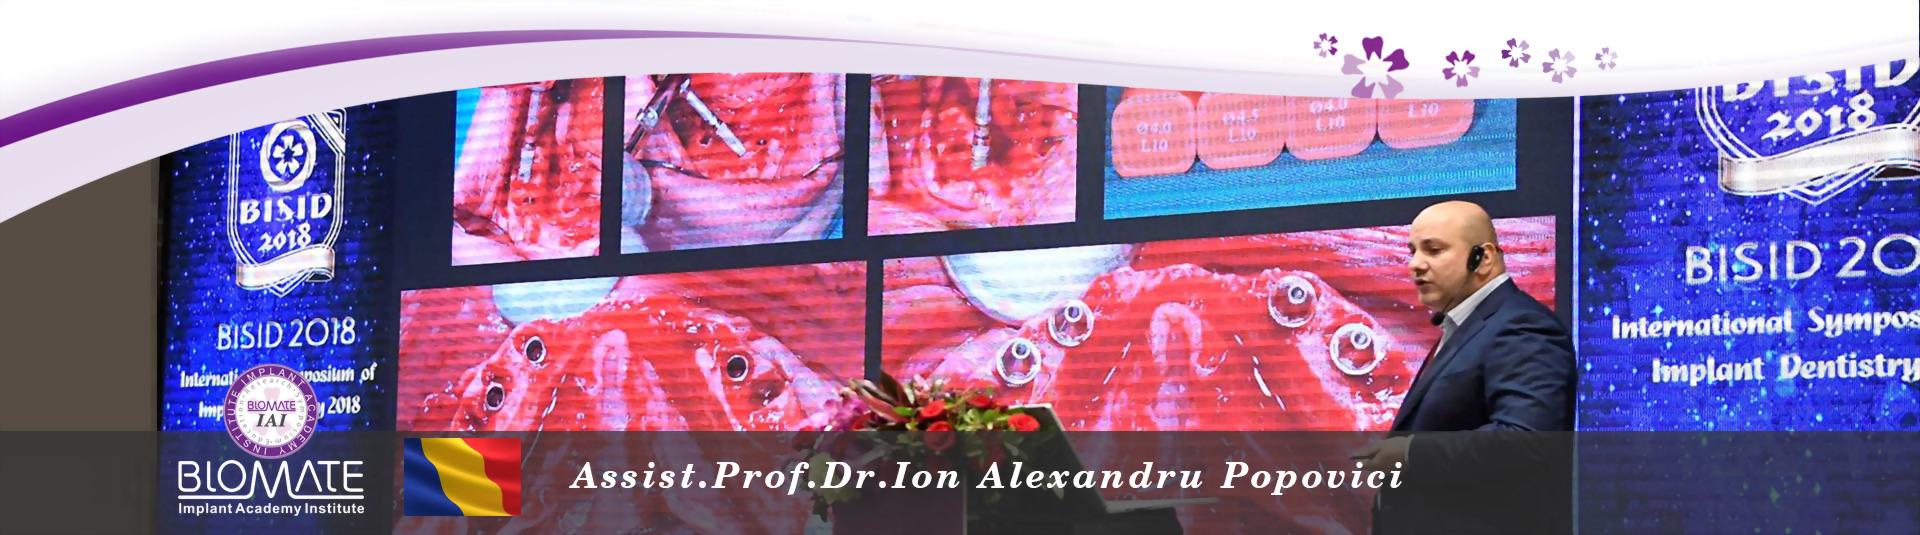 symposium banner-popovici